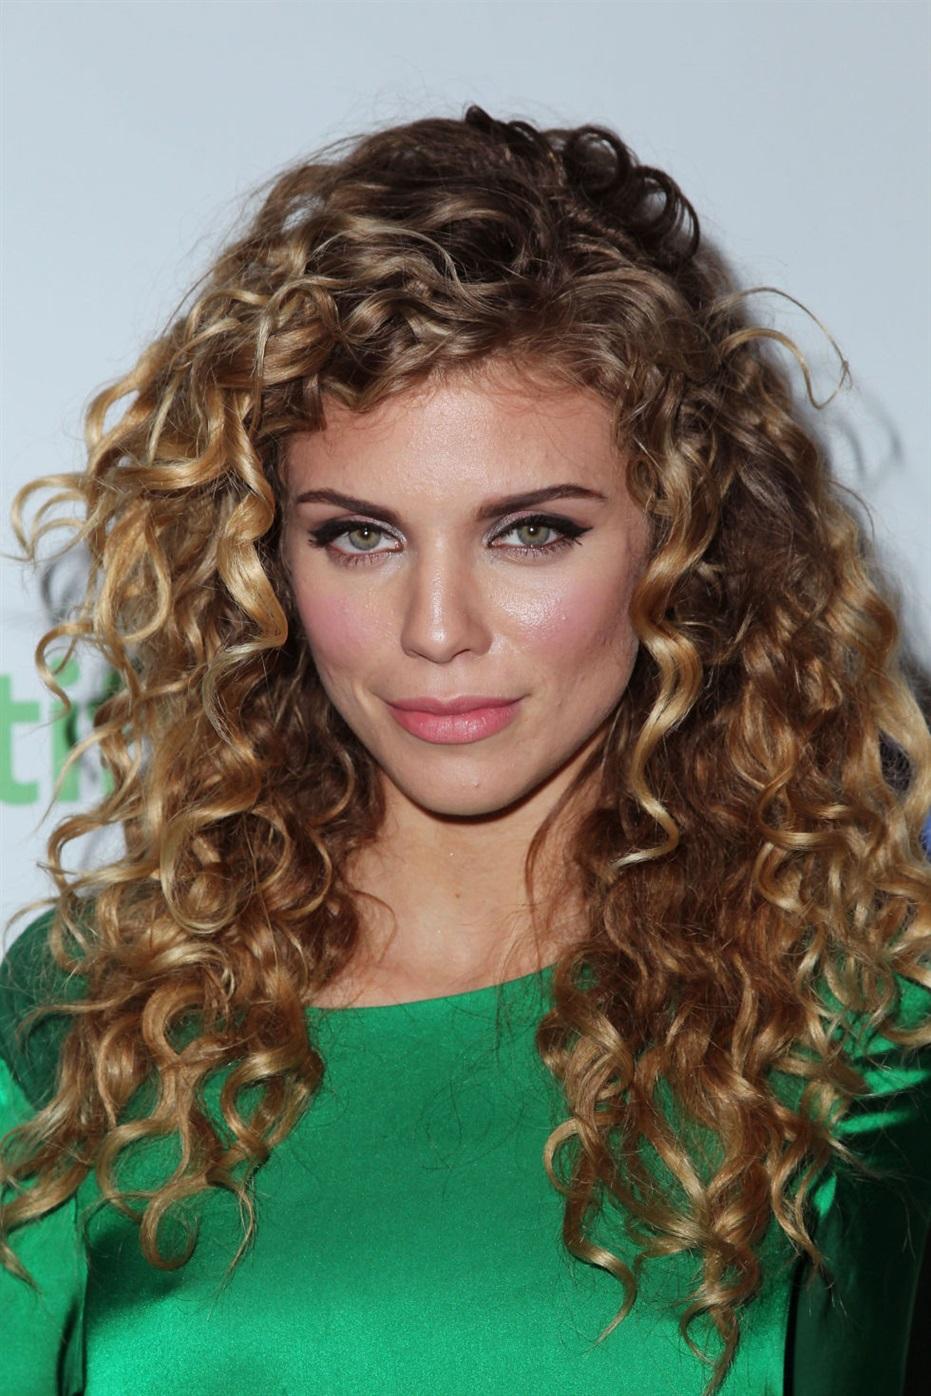 Frisuren fur Locken Lang  Sie sollten sich in erster Linie auf die Struktur der Haare konzentrieren - Frisuren, die auf geraden Strähnen attraktiv aussehen, sind möglicherweise nicht vollständig für Besitzer böswilliger, verspielter Locken geeignet.